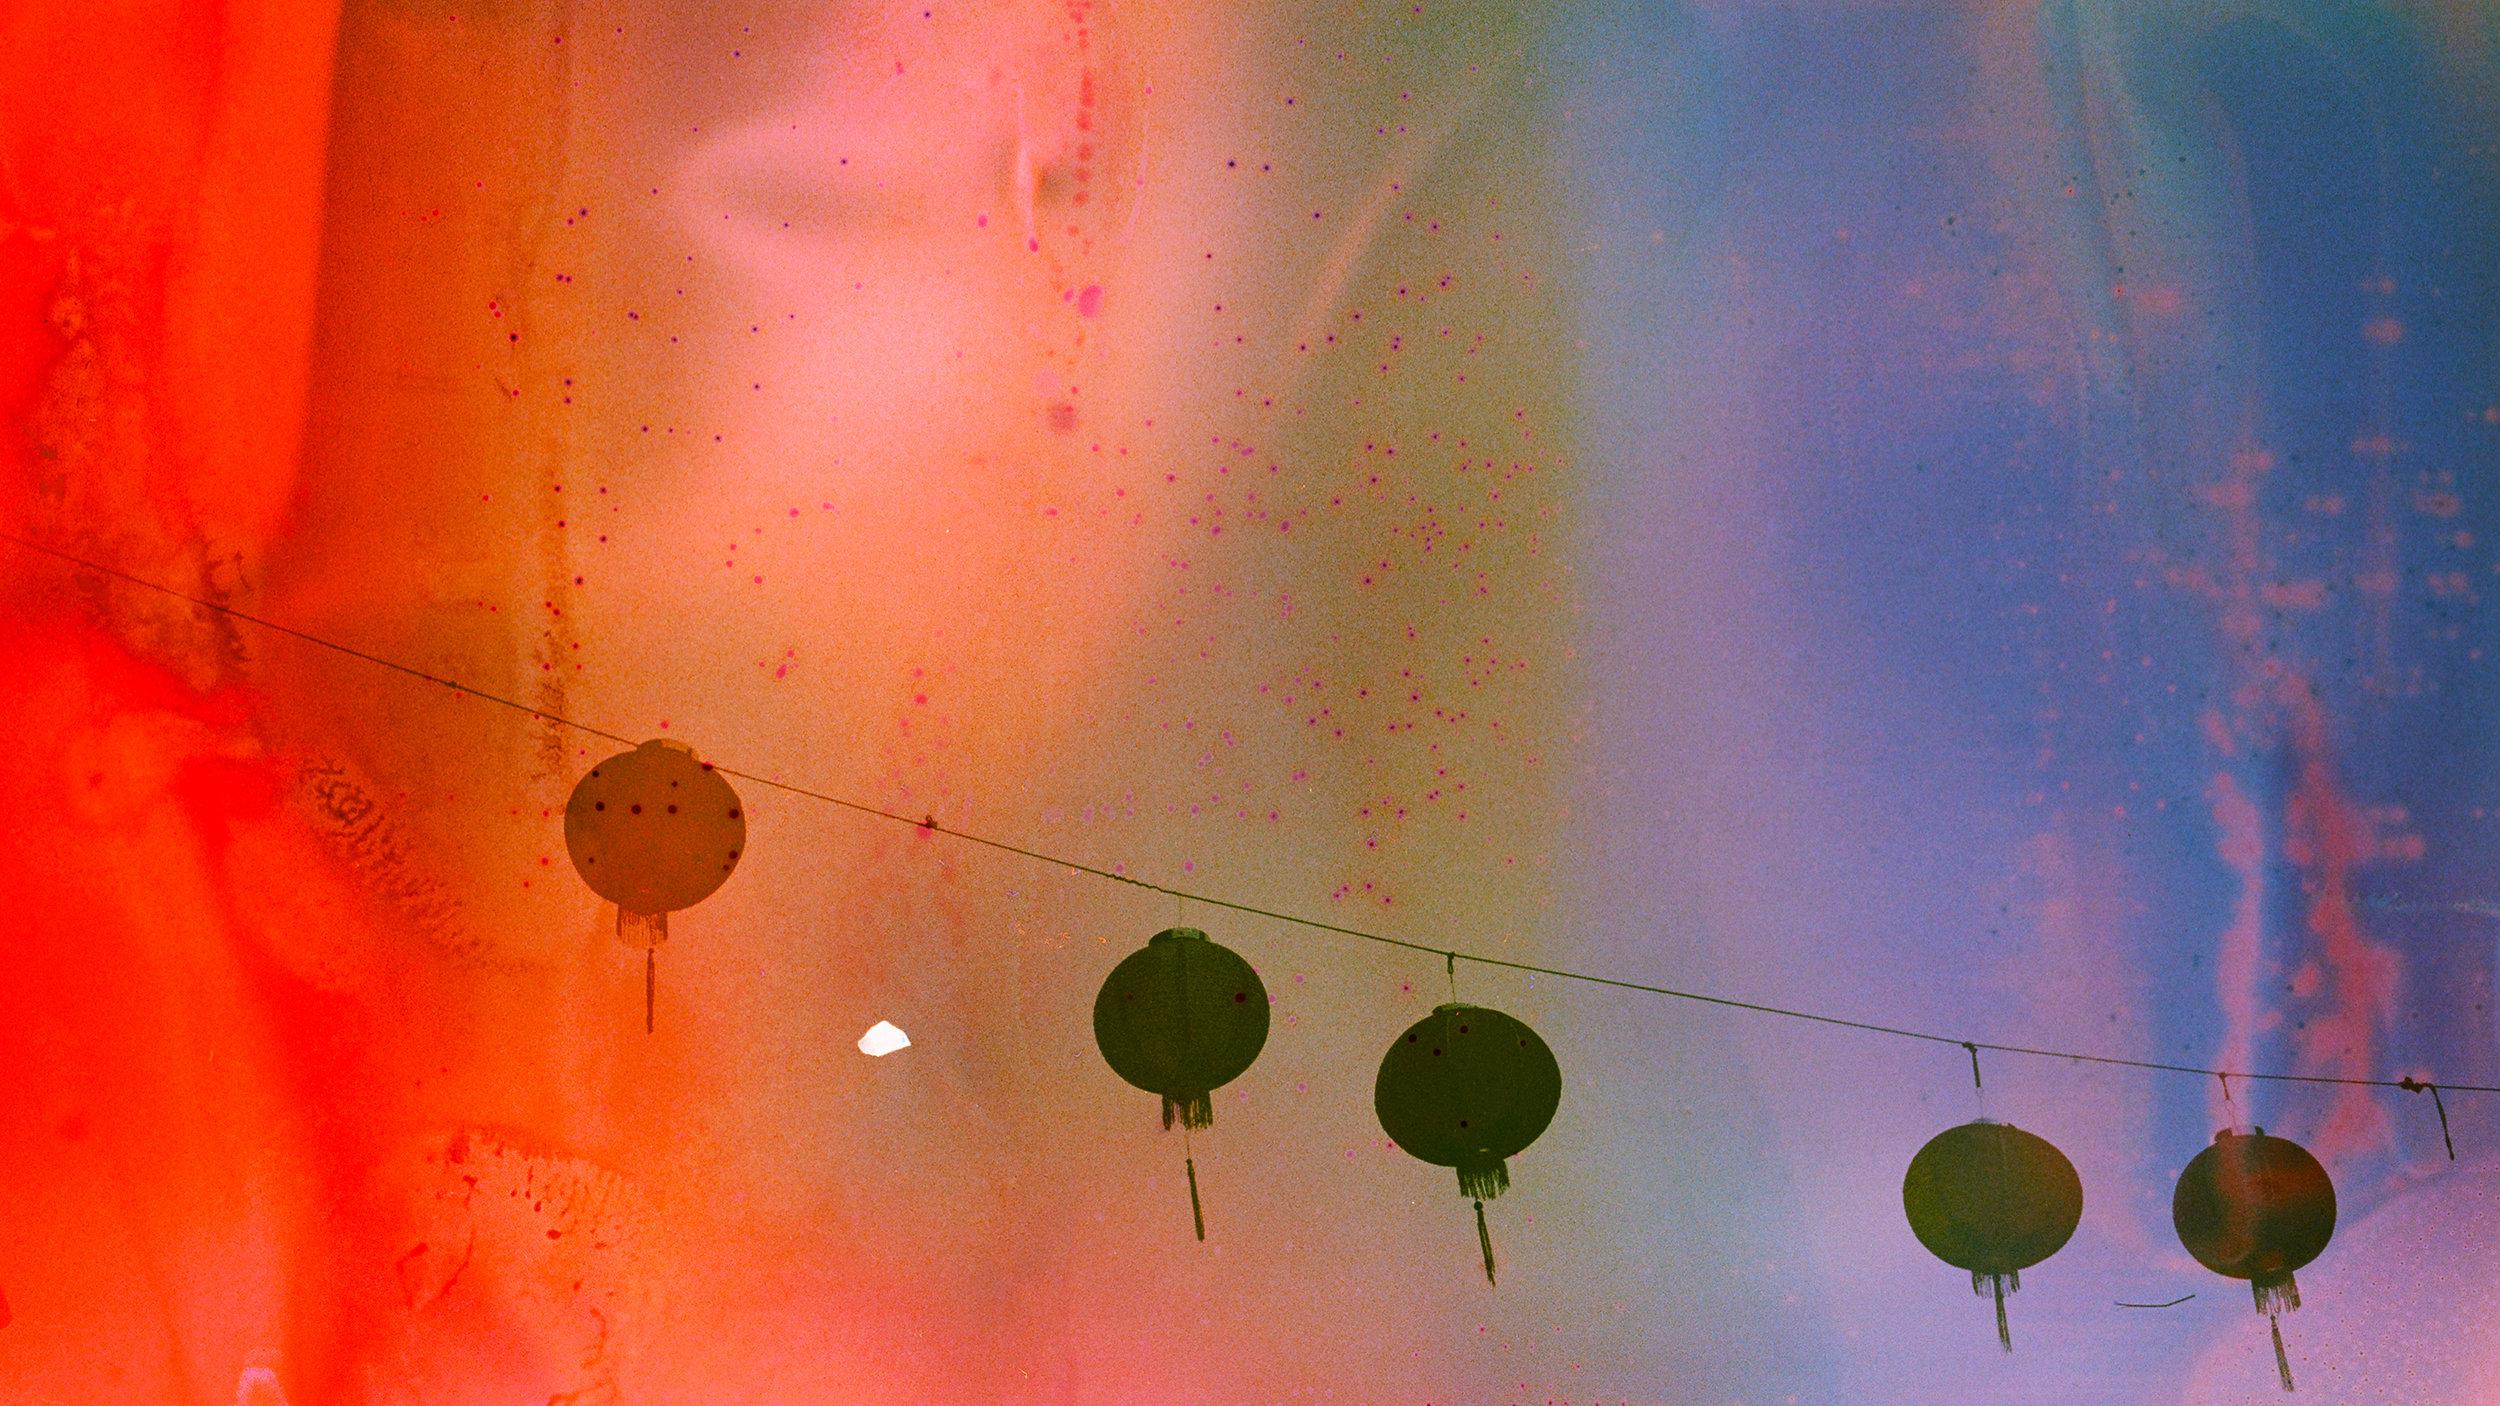 chinatownlights.jpg